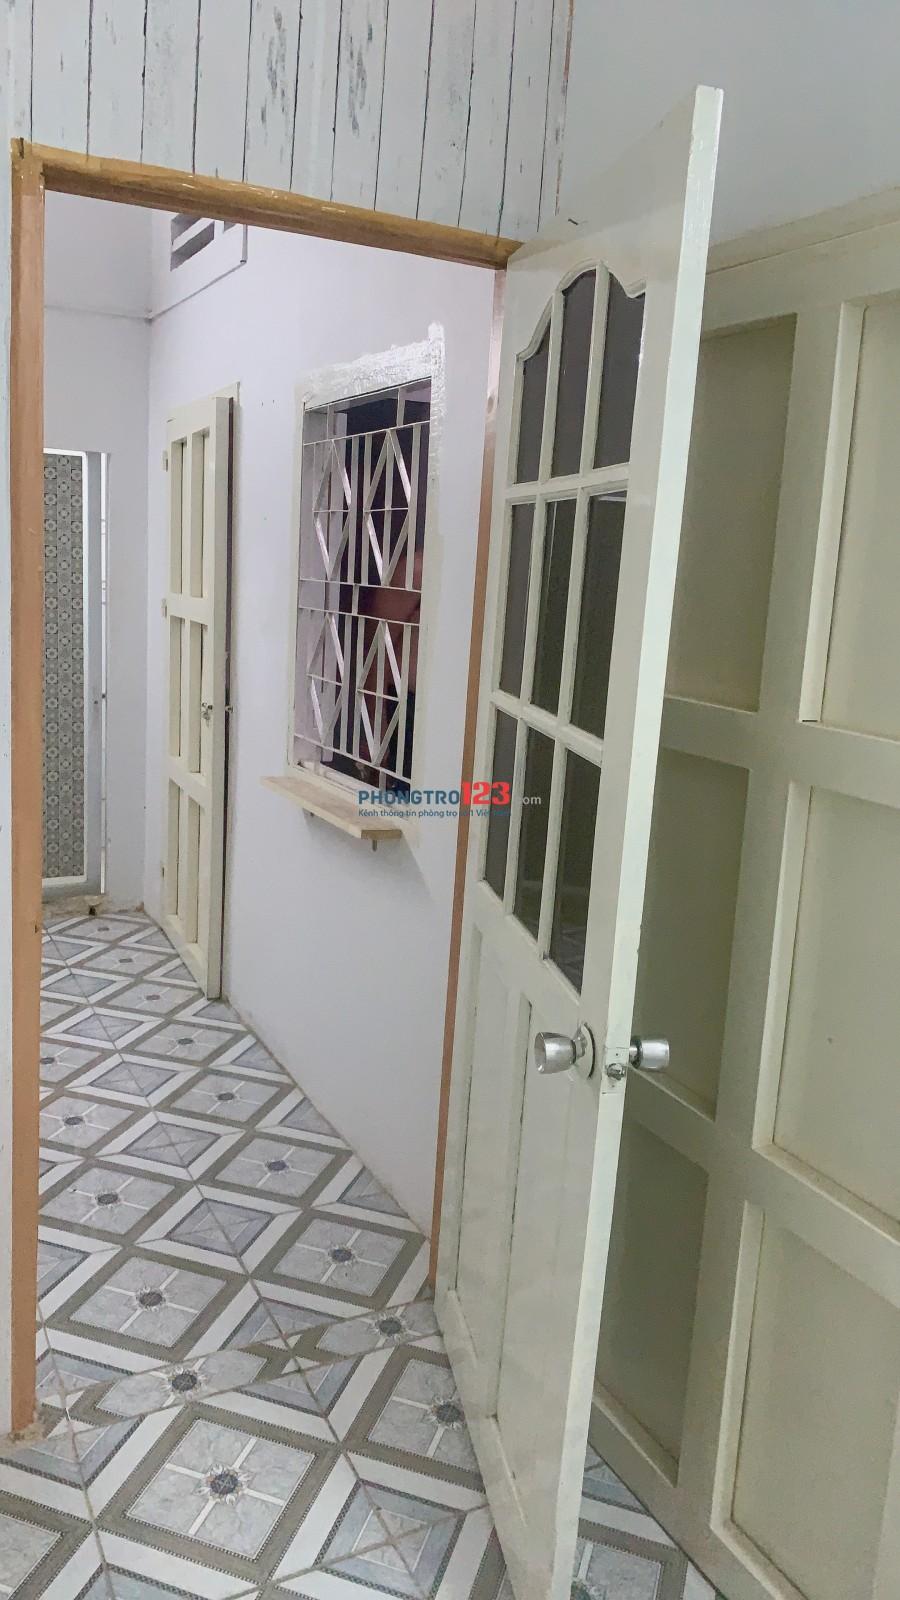 Phòng trọ giá rẻ khu dân cư an ninh